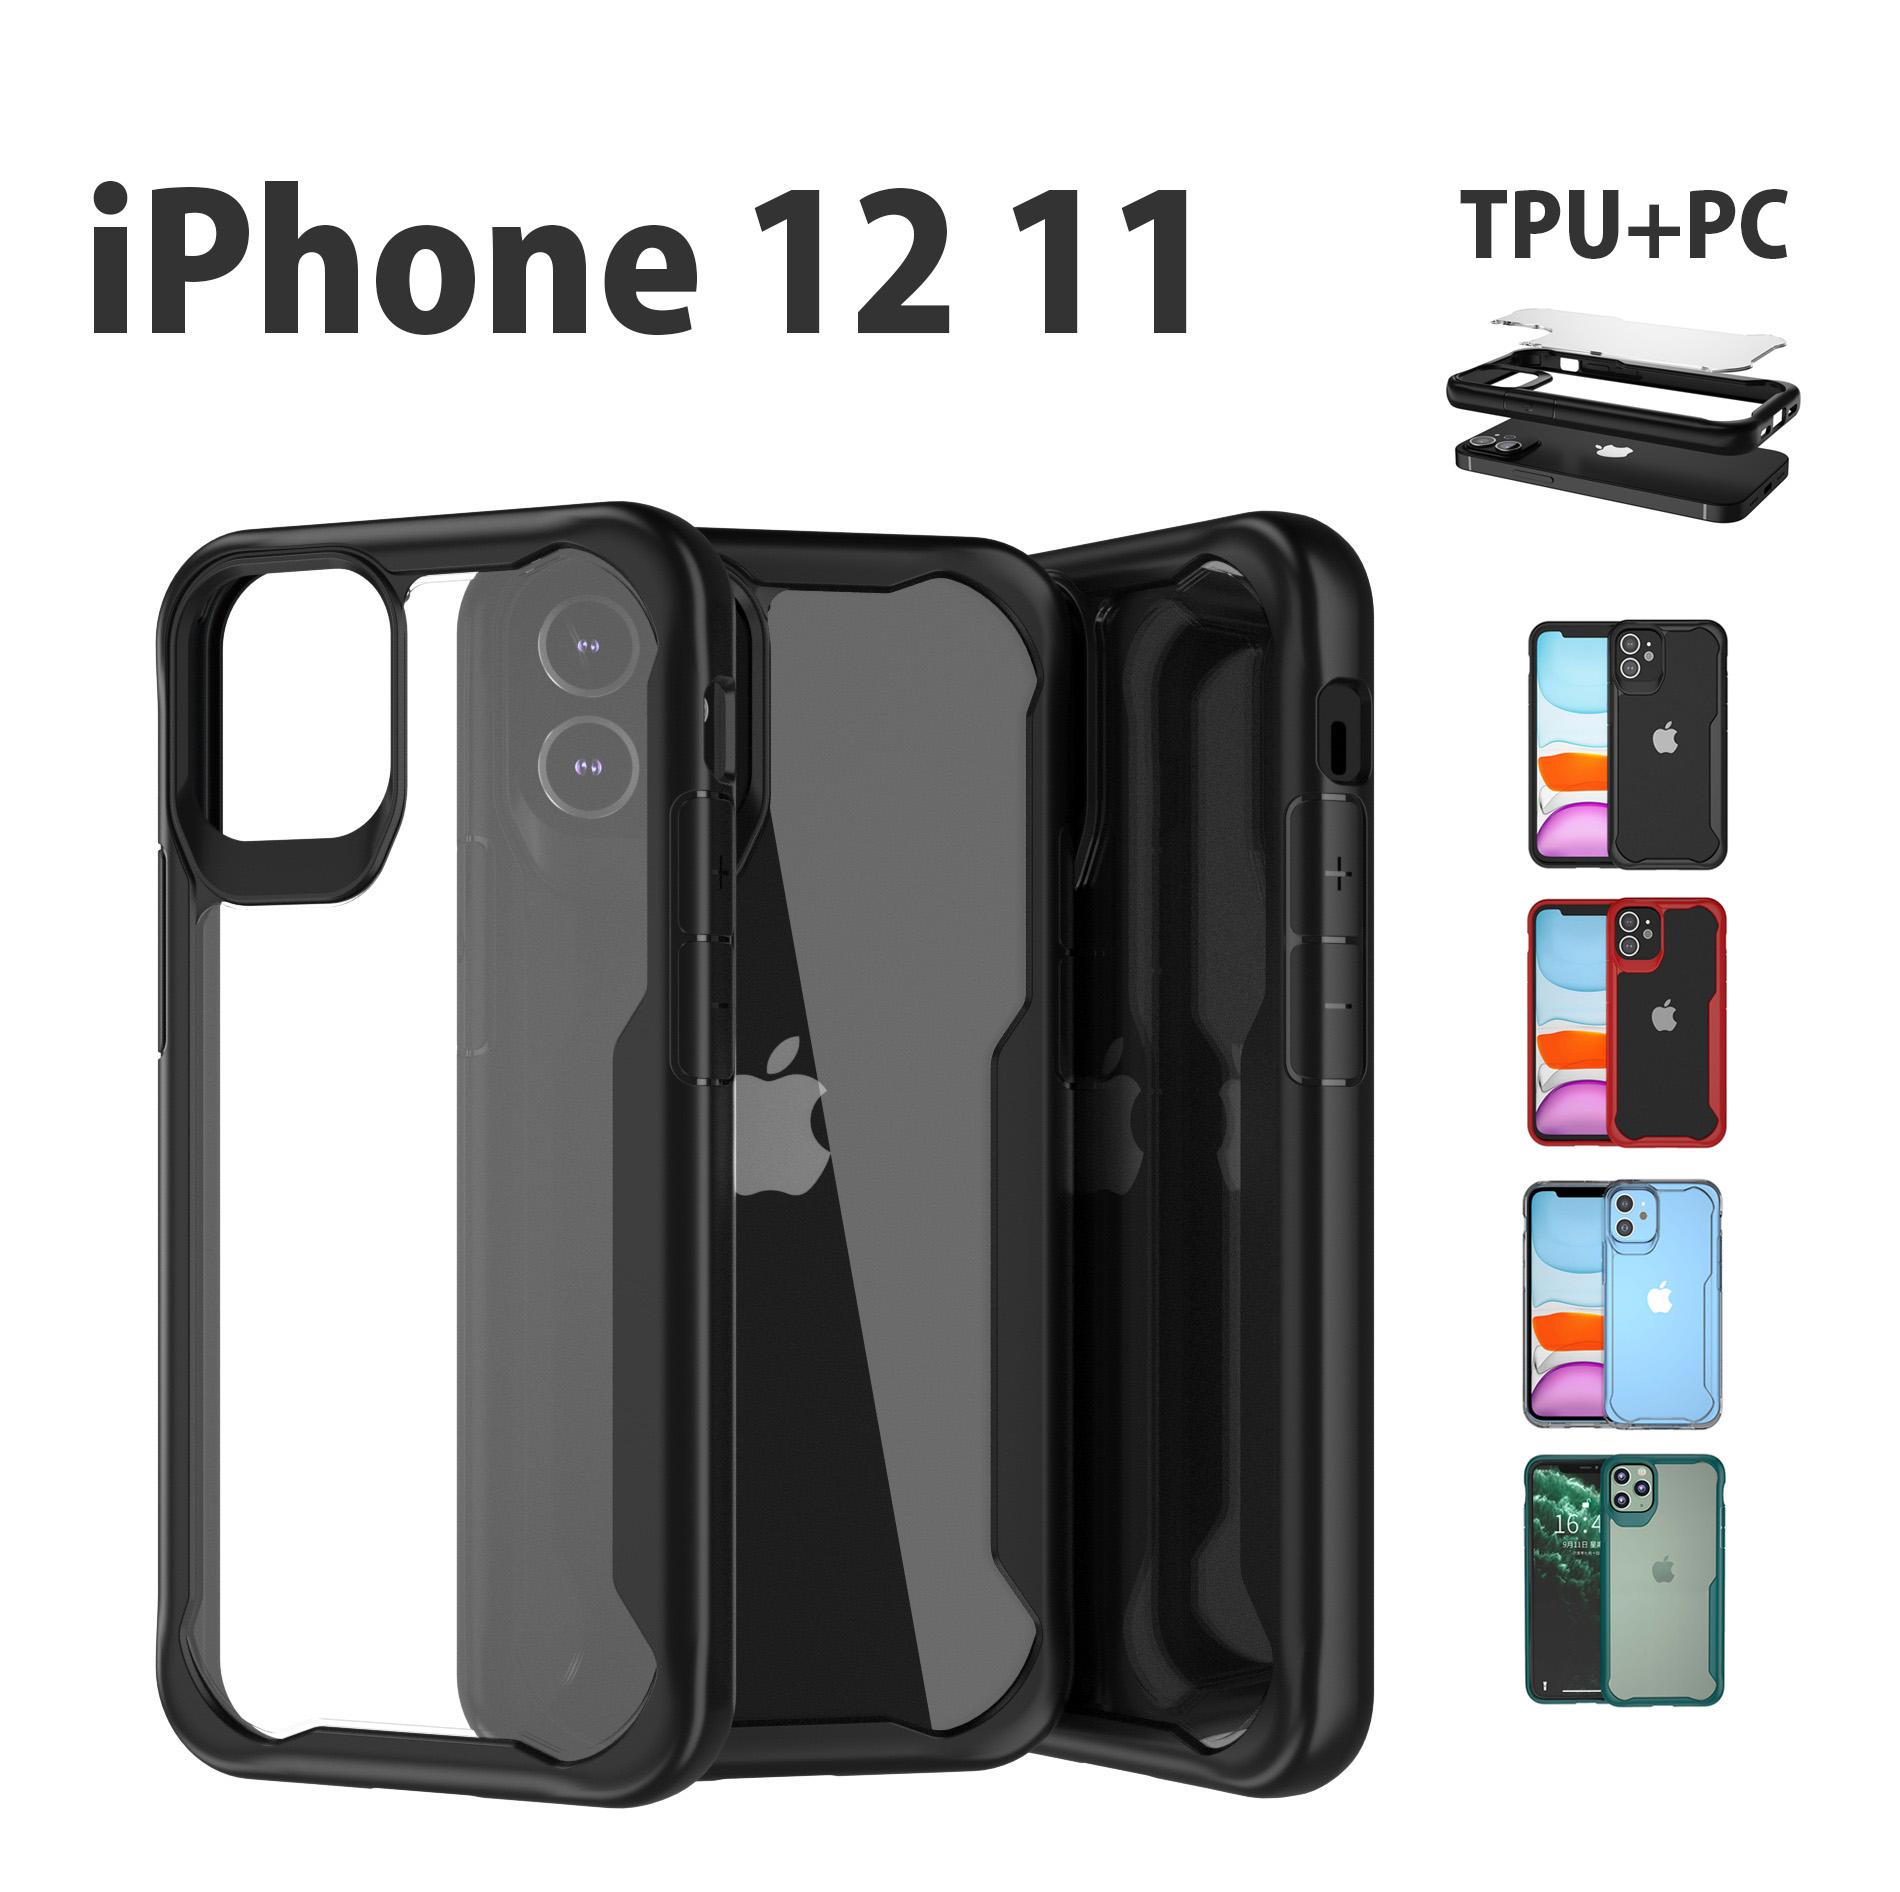 【iPhone新機種対応】iPhone 12 11 pro アイフォン iphoneケース ベーシック TPU PC スリム 全面保護